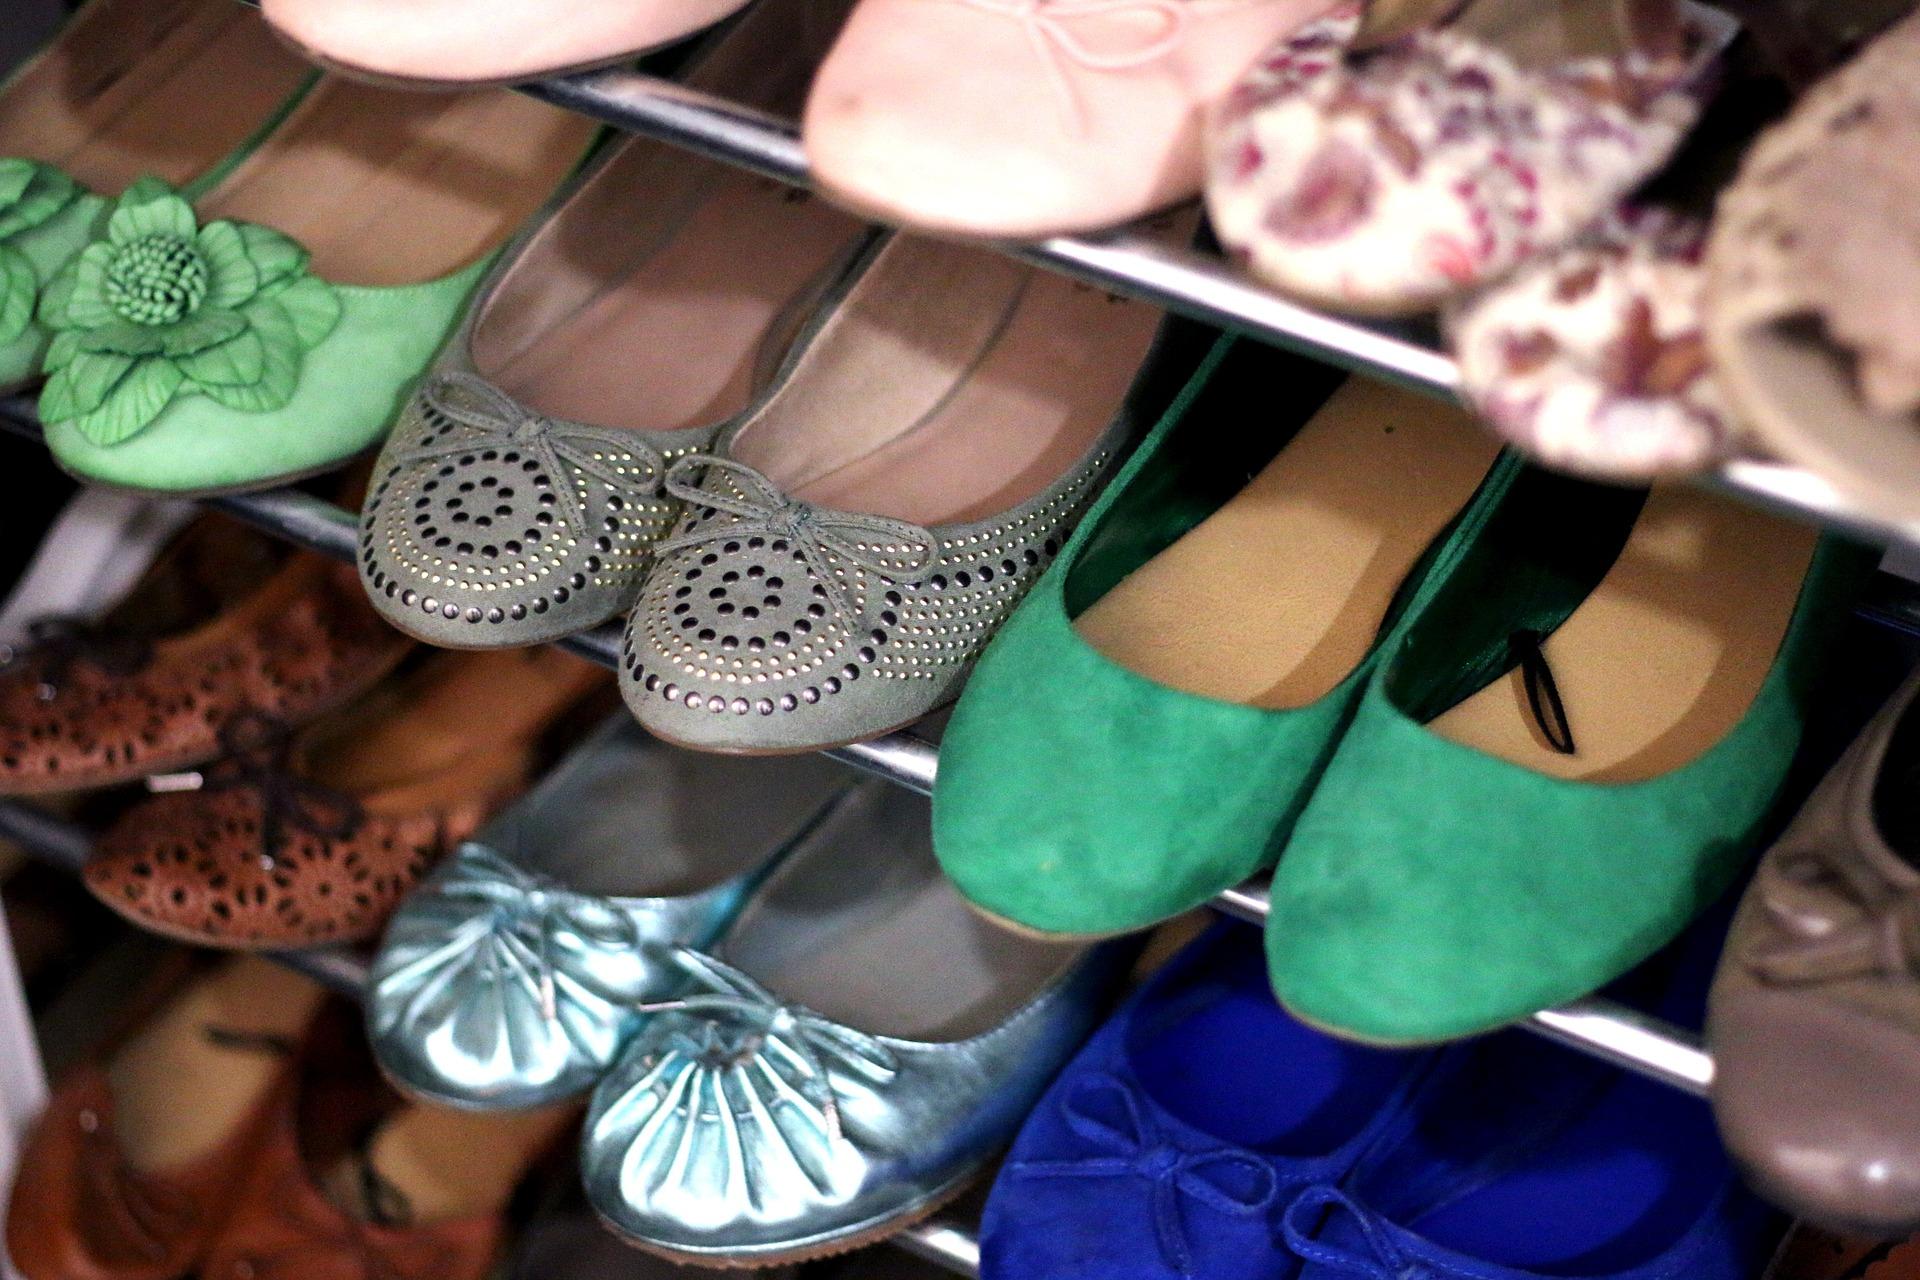 Шкафове за обувки<br /> Етажерки и шкафове за обувки, както и други малки шкафчета, нямат работа пред вратата на жилището. Мястото на мебелите е в жилището – и точка. Все пак в един случай съдът е преценил, че обитателят на таванско помещение може да си сложи етажерка за обувки, понеже оттам други съседи не минават. Има и втори прецедент, когато пак съдът е дал право на наемател да си инсталира пред вратата шкаф за обувки, дълбок максимум 30 сантиметра, защото това не пречело на съседите.